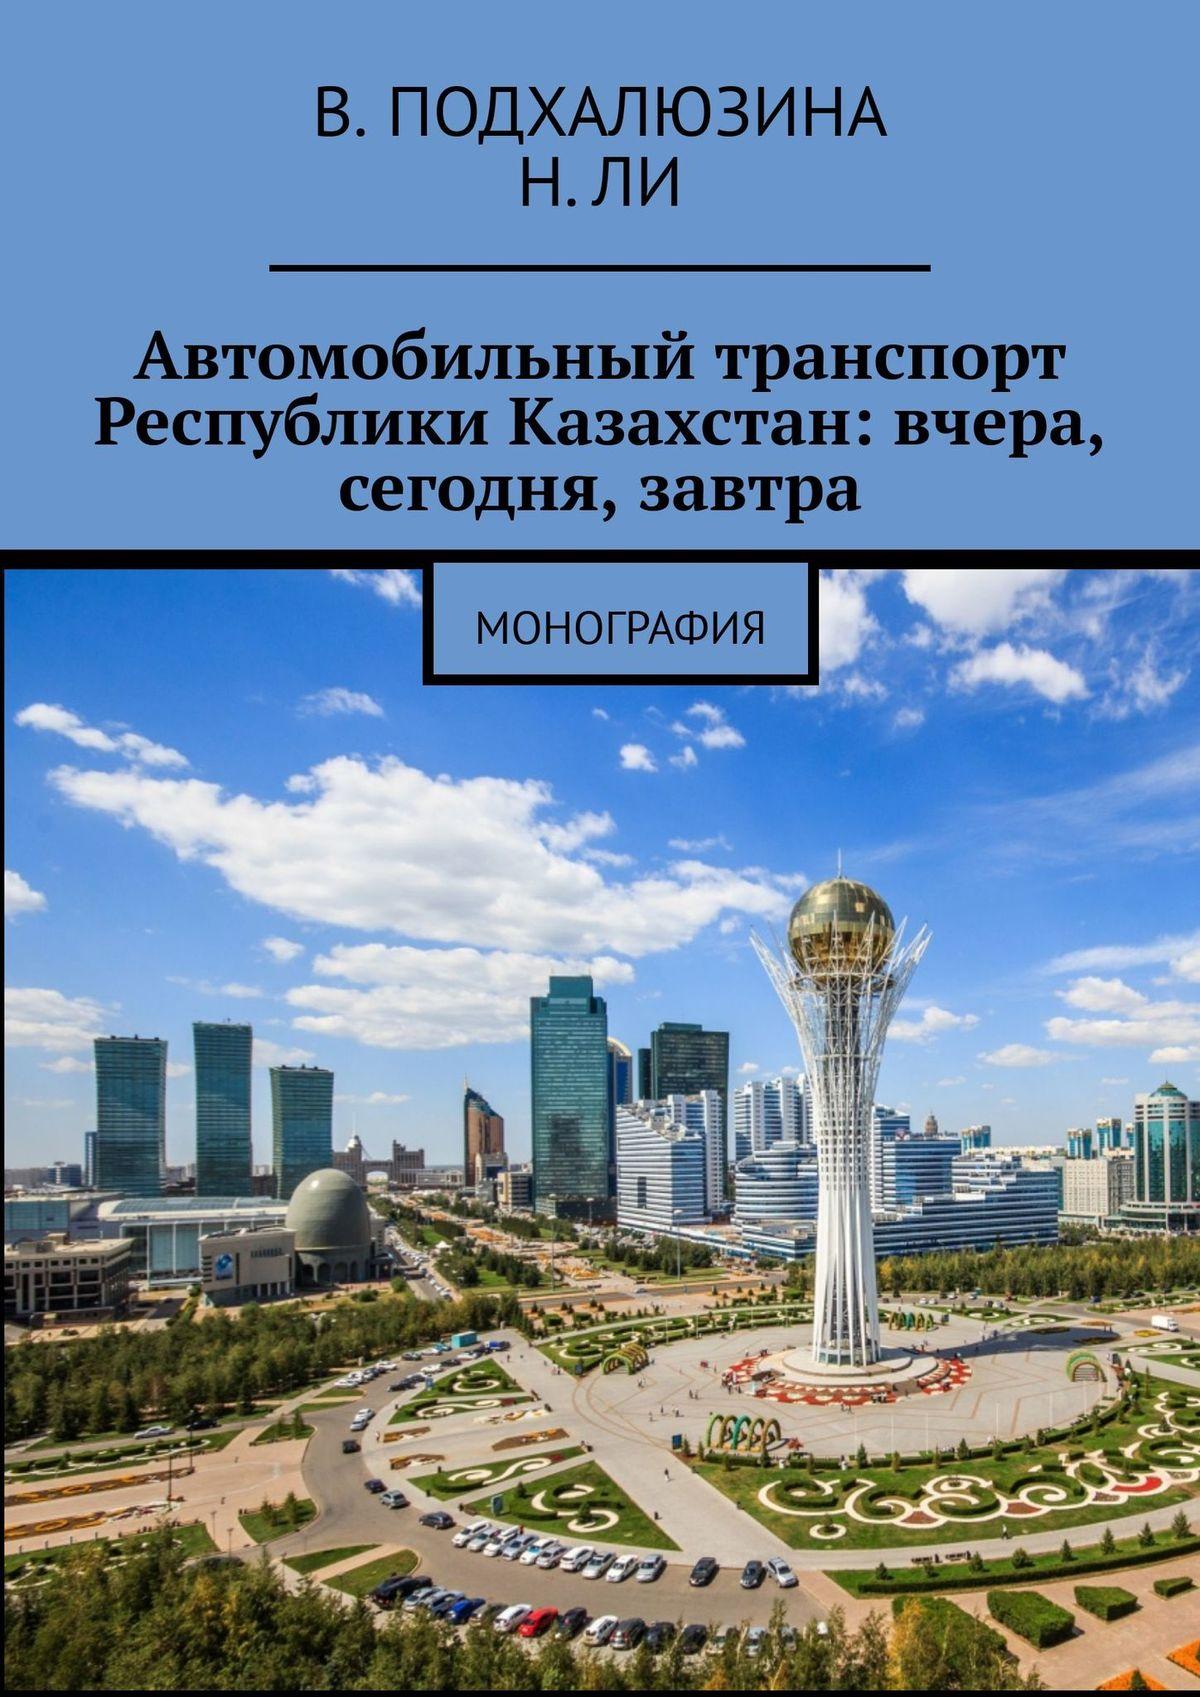 В. Подхалюзина Автомобильный транспорт Республики Казахстан: вчера, сегодня, завтра т ф шарипов макроэкономическое планирование и прогнозирование национальной экономики